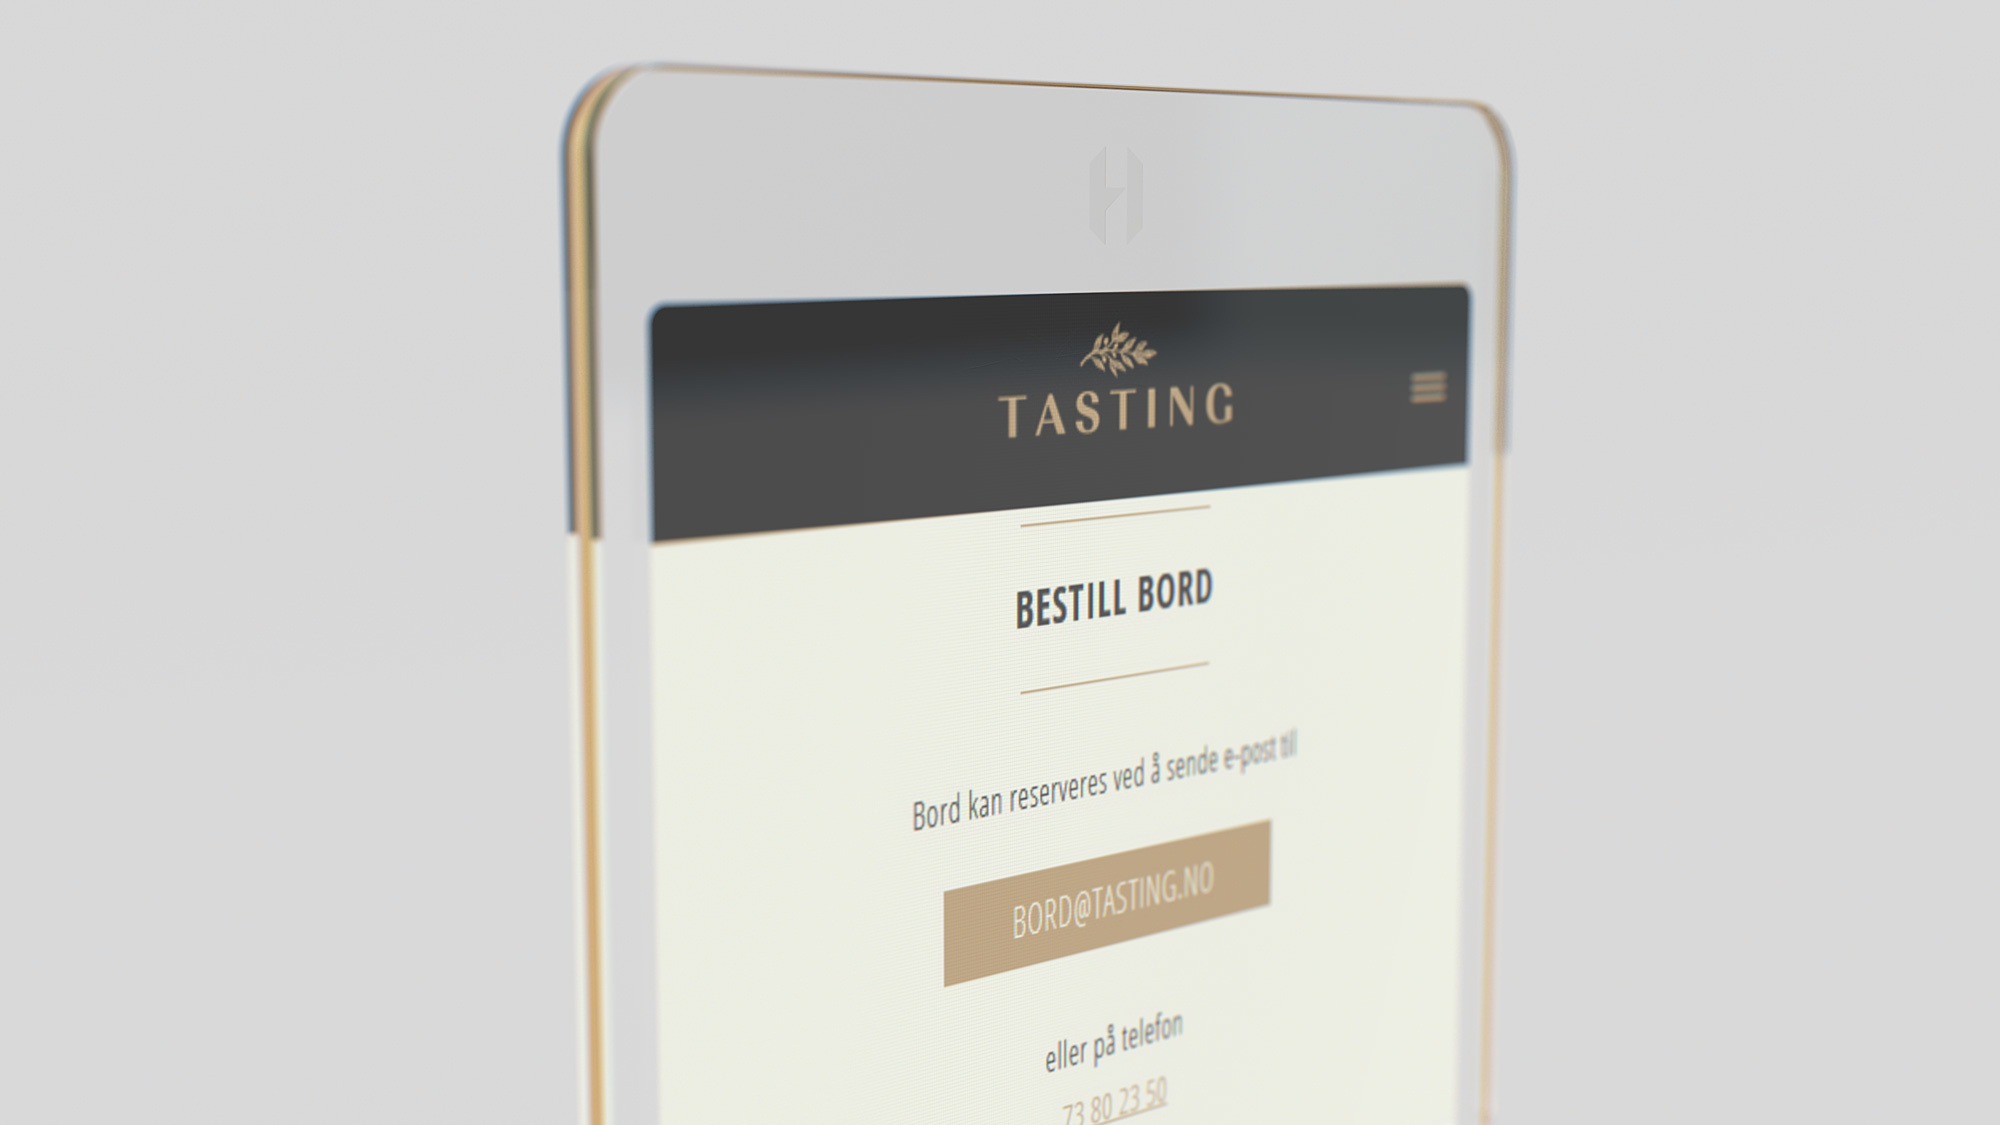 Nærbilde av smarttelefon med visning av Tasting logo og meny. Foto